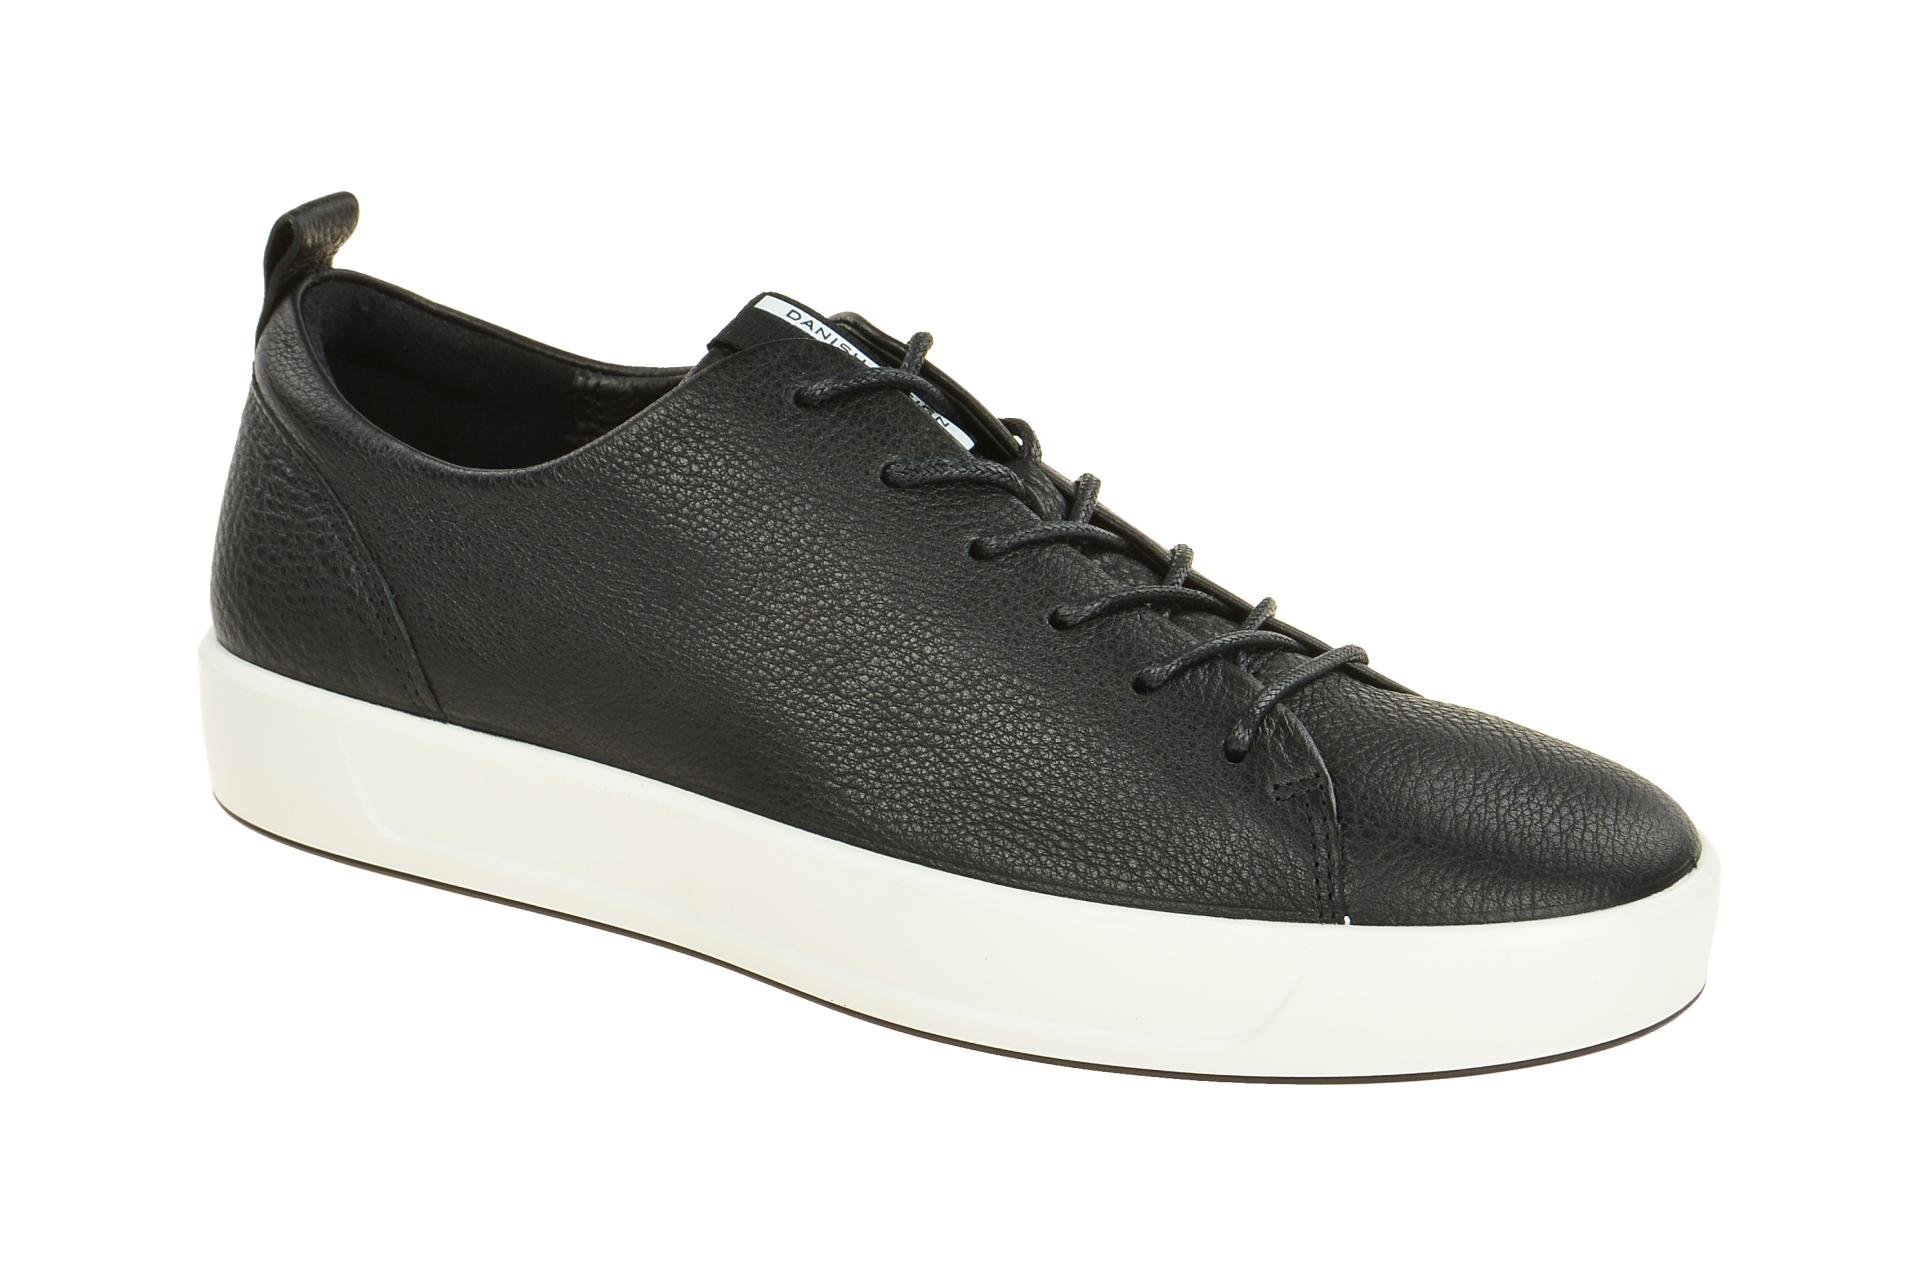 5d9c431428f917 Ecco Soft 8 Schuhe schwarz weiß Herren - Schuhhaus Strauch Shop